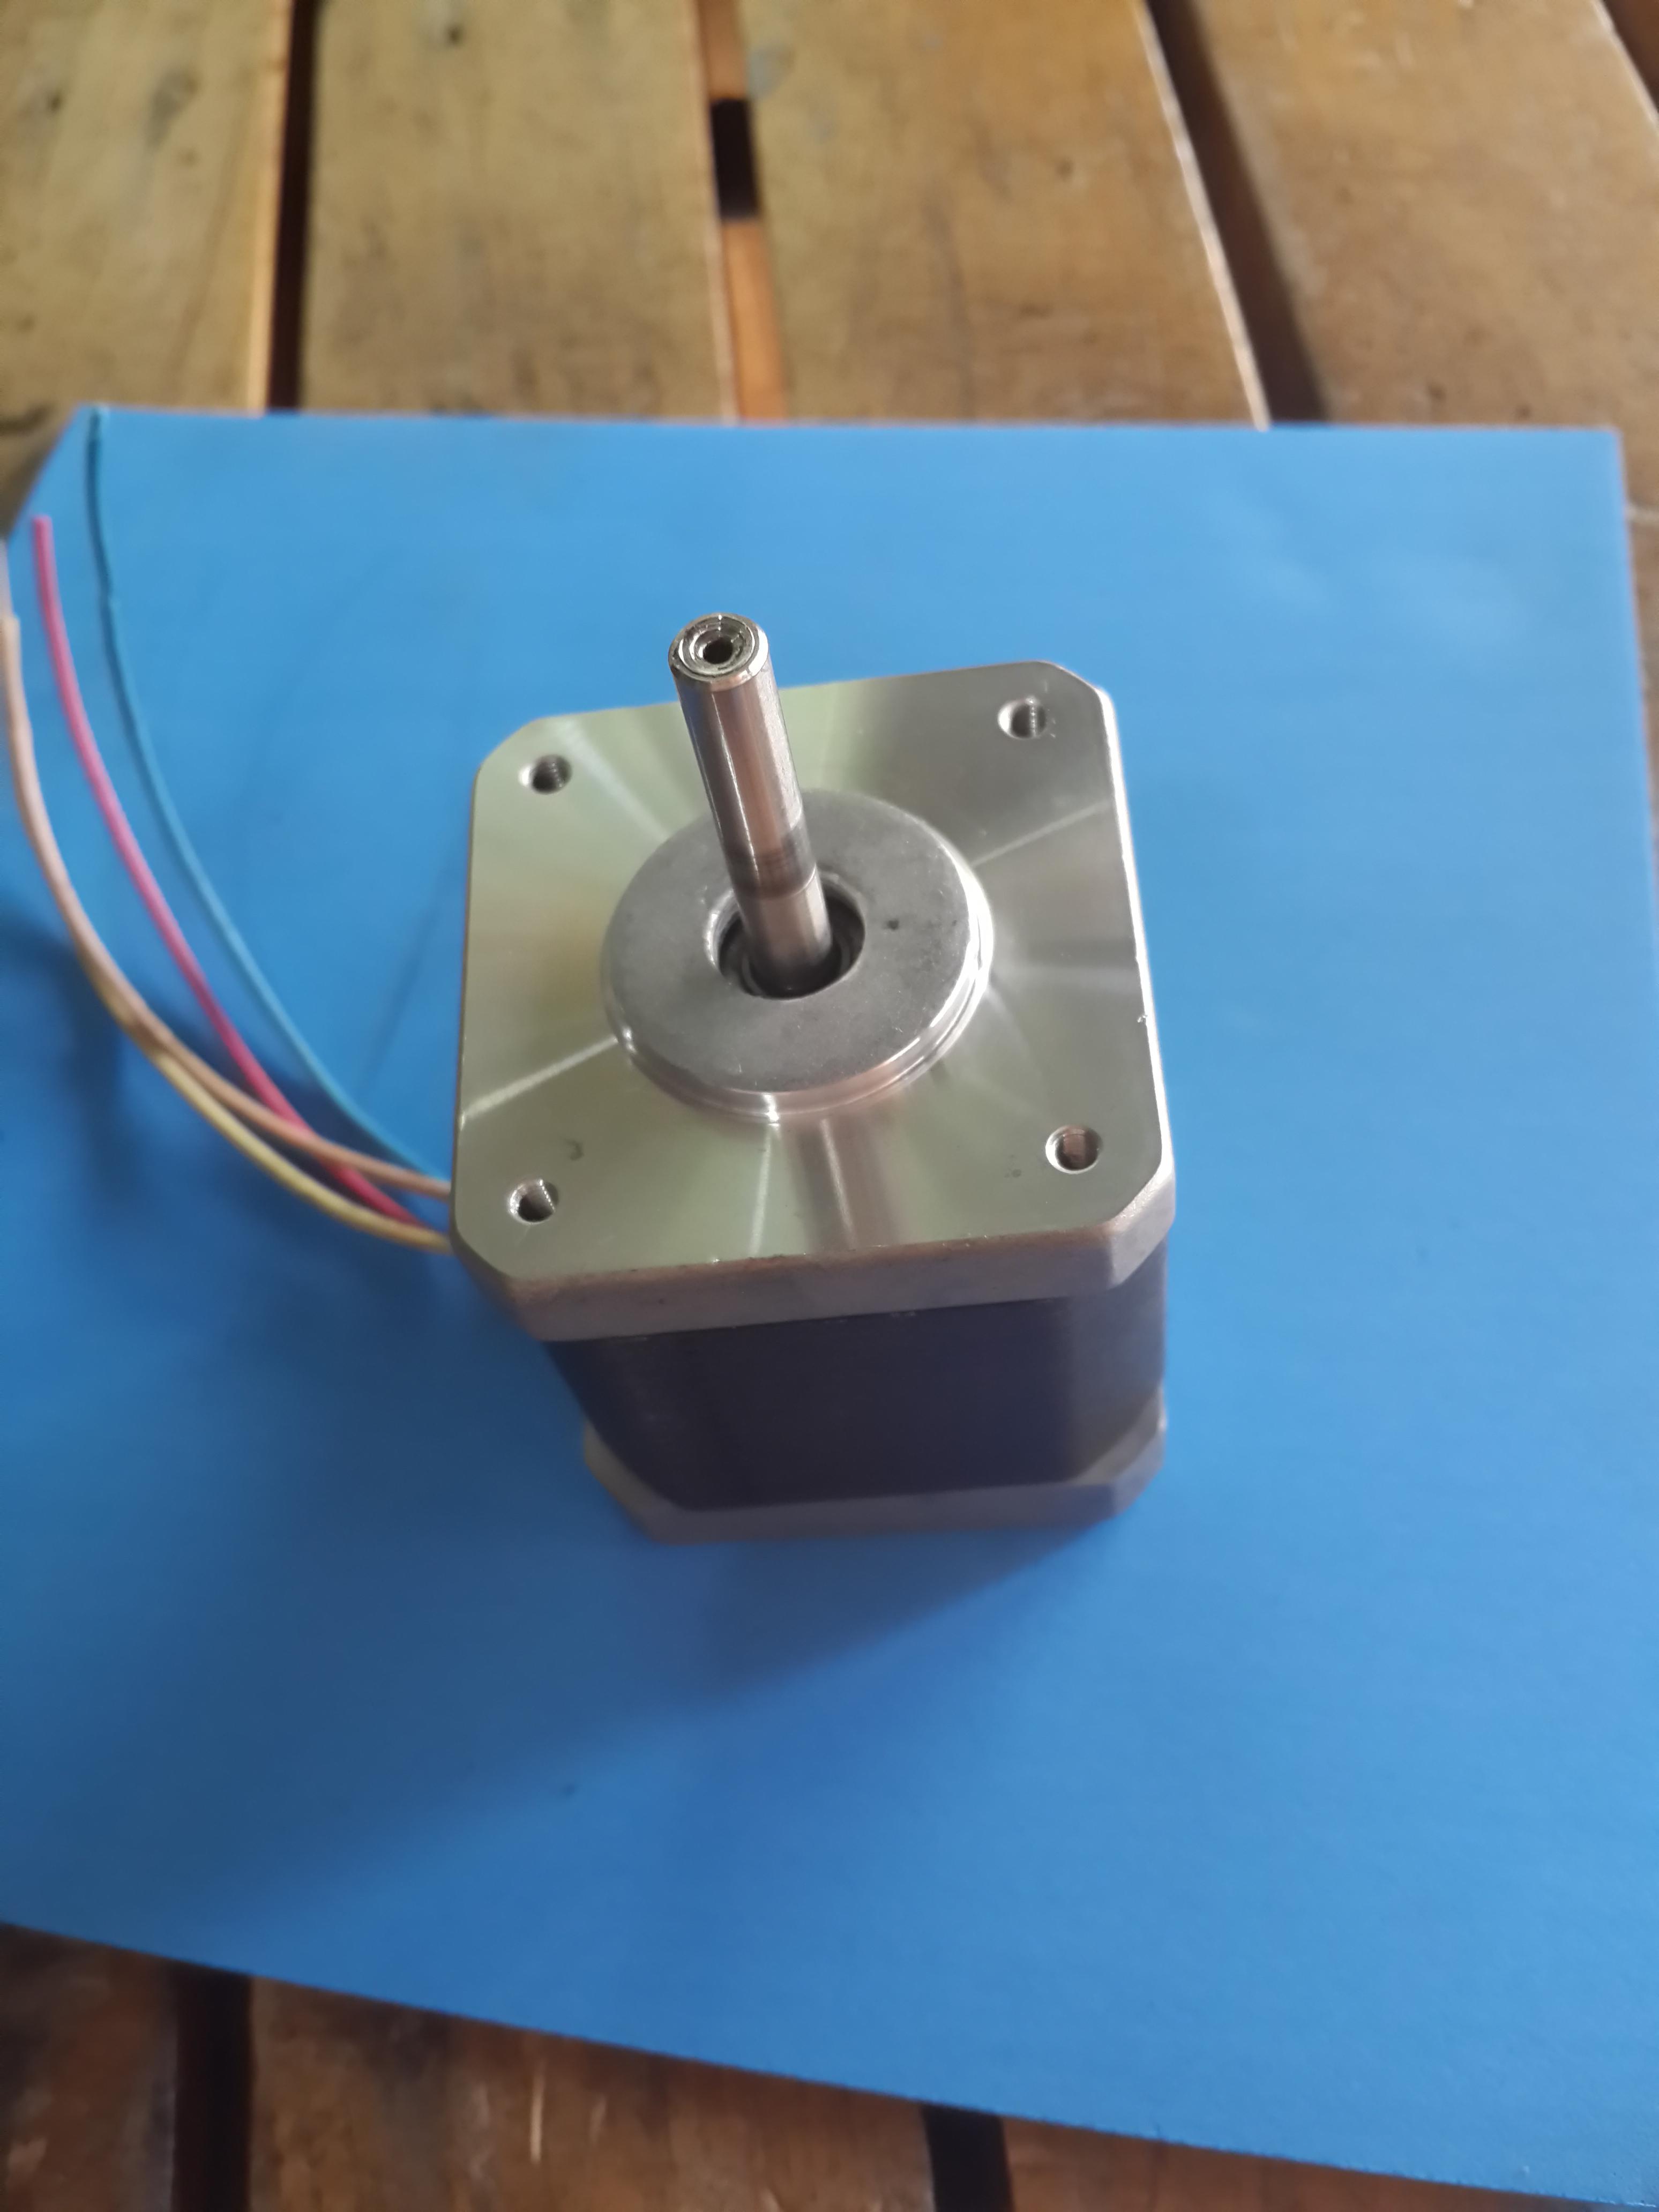 Nema 17 Stepping Motor Model 17hd6404 01n Moons Rubber Dampers For 3dprinter Goldgear